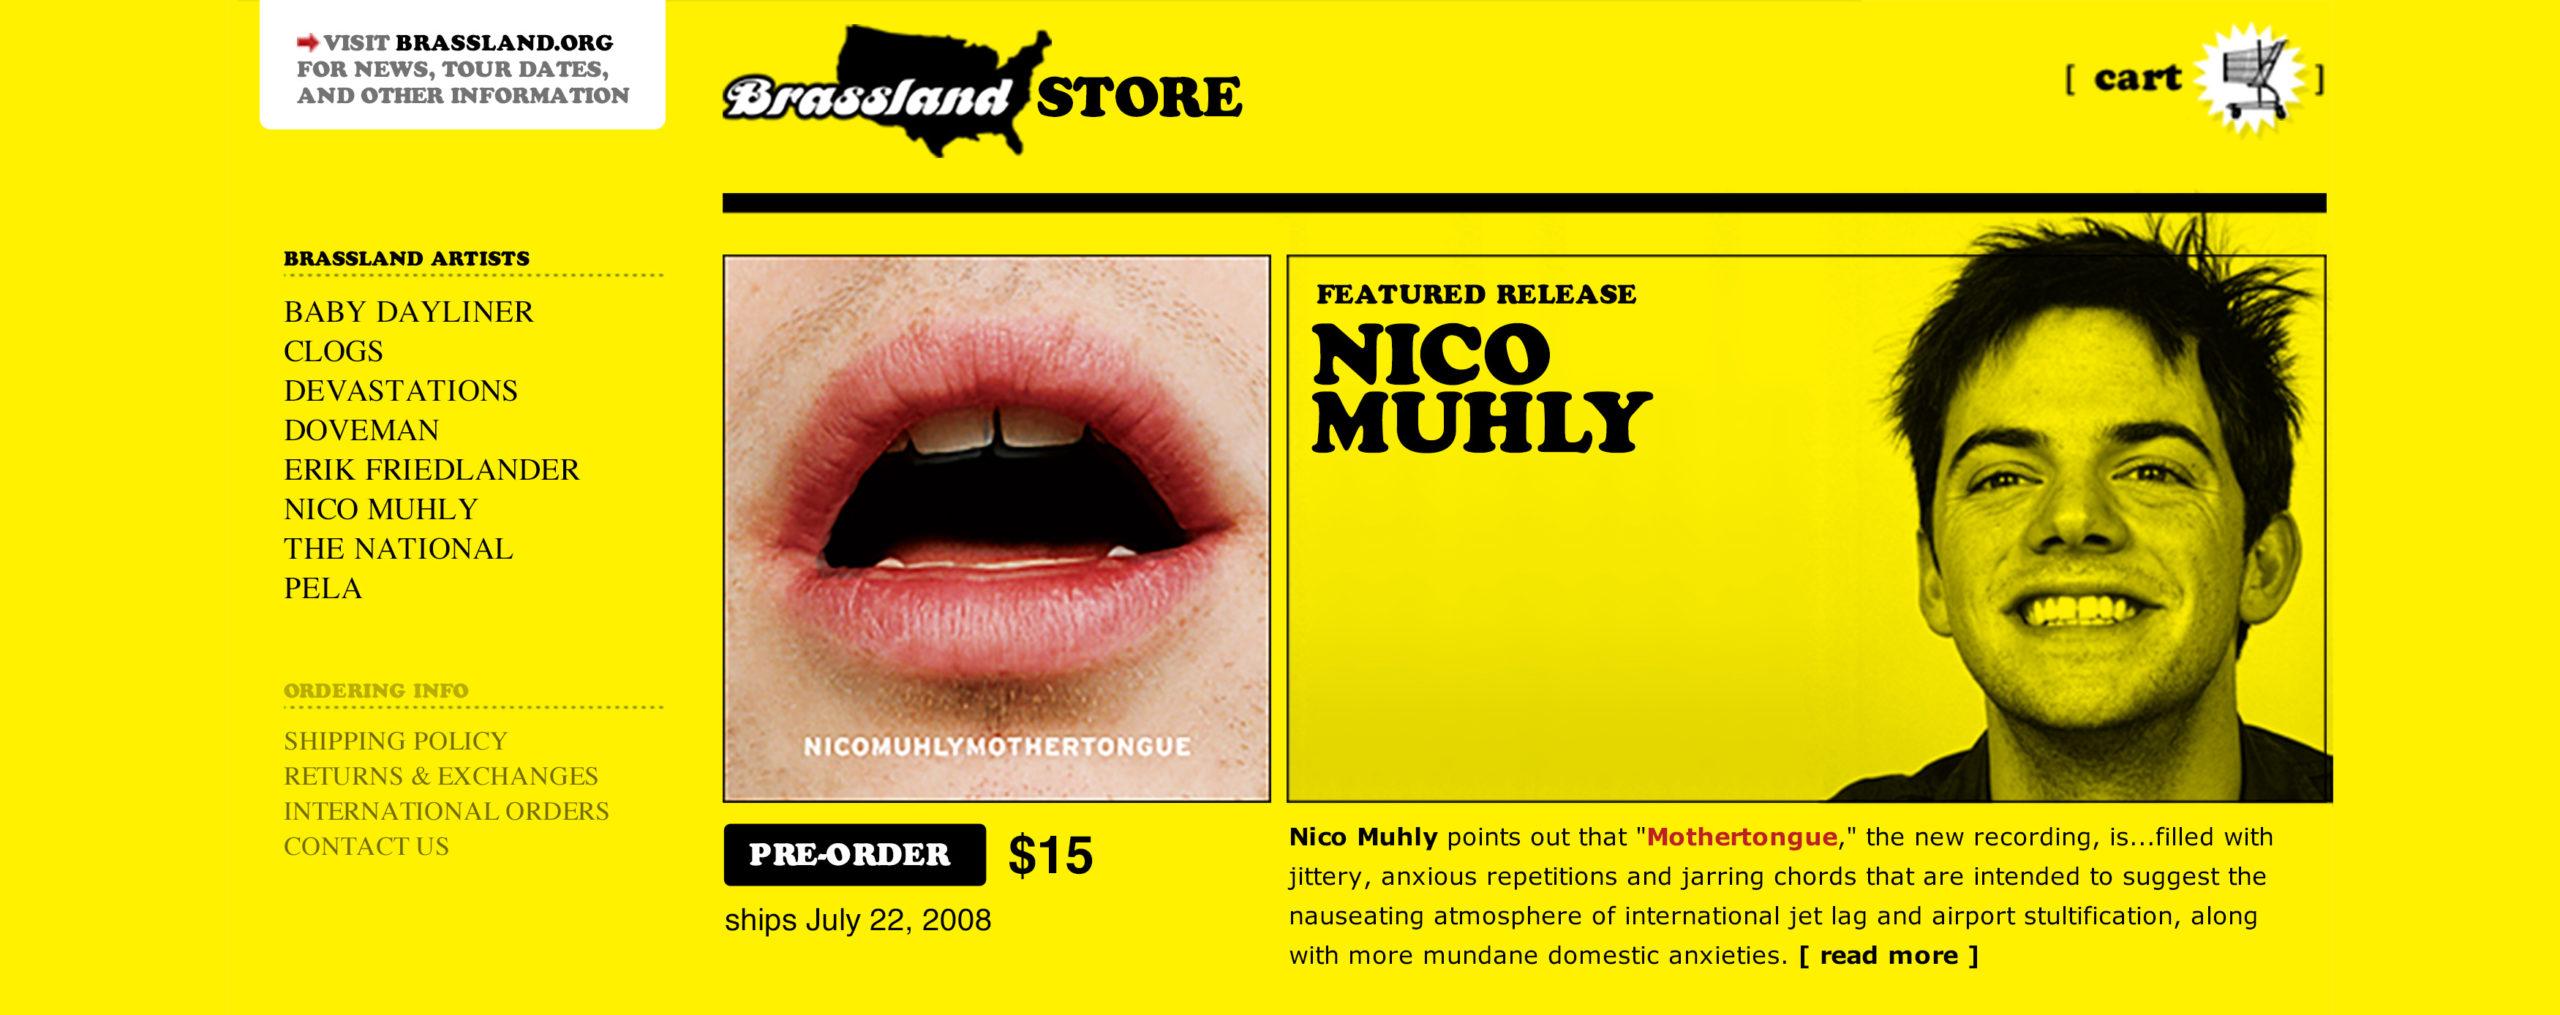 Brassland Store homepage banner